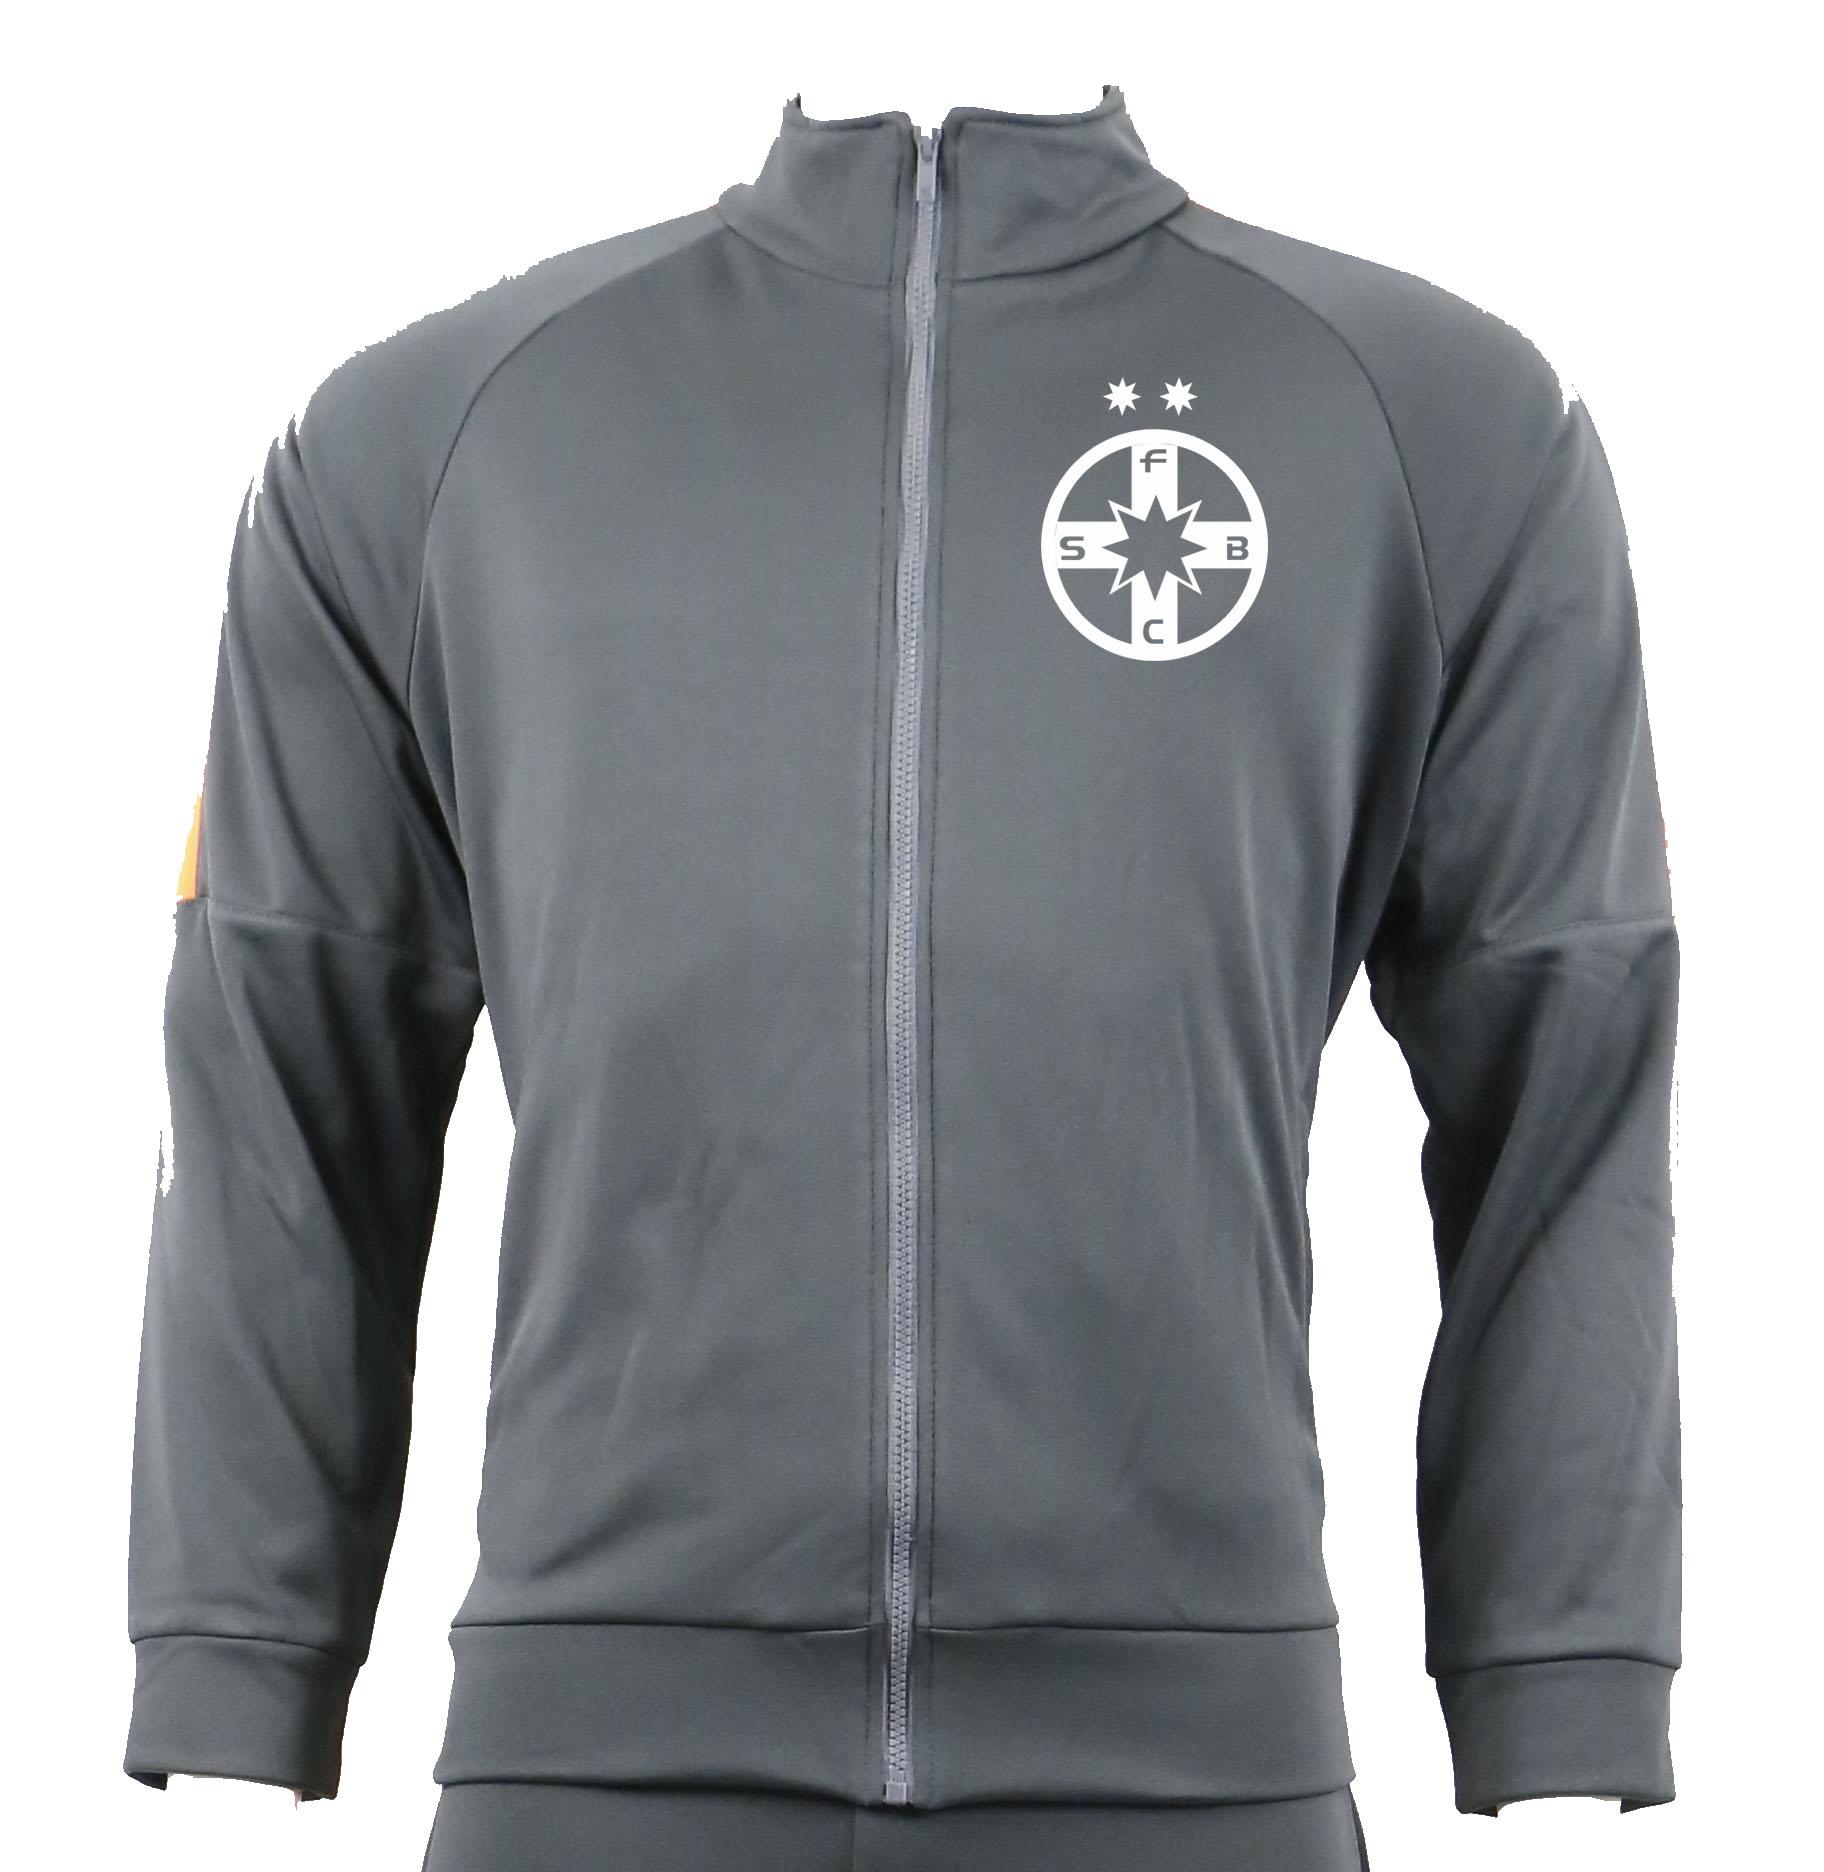 Bluza trening adulti produs sub licenta FCSB